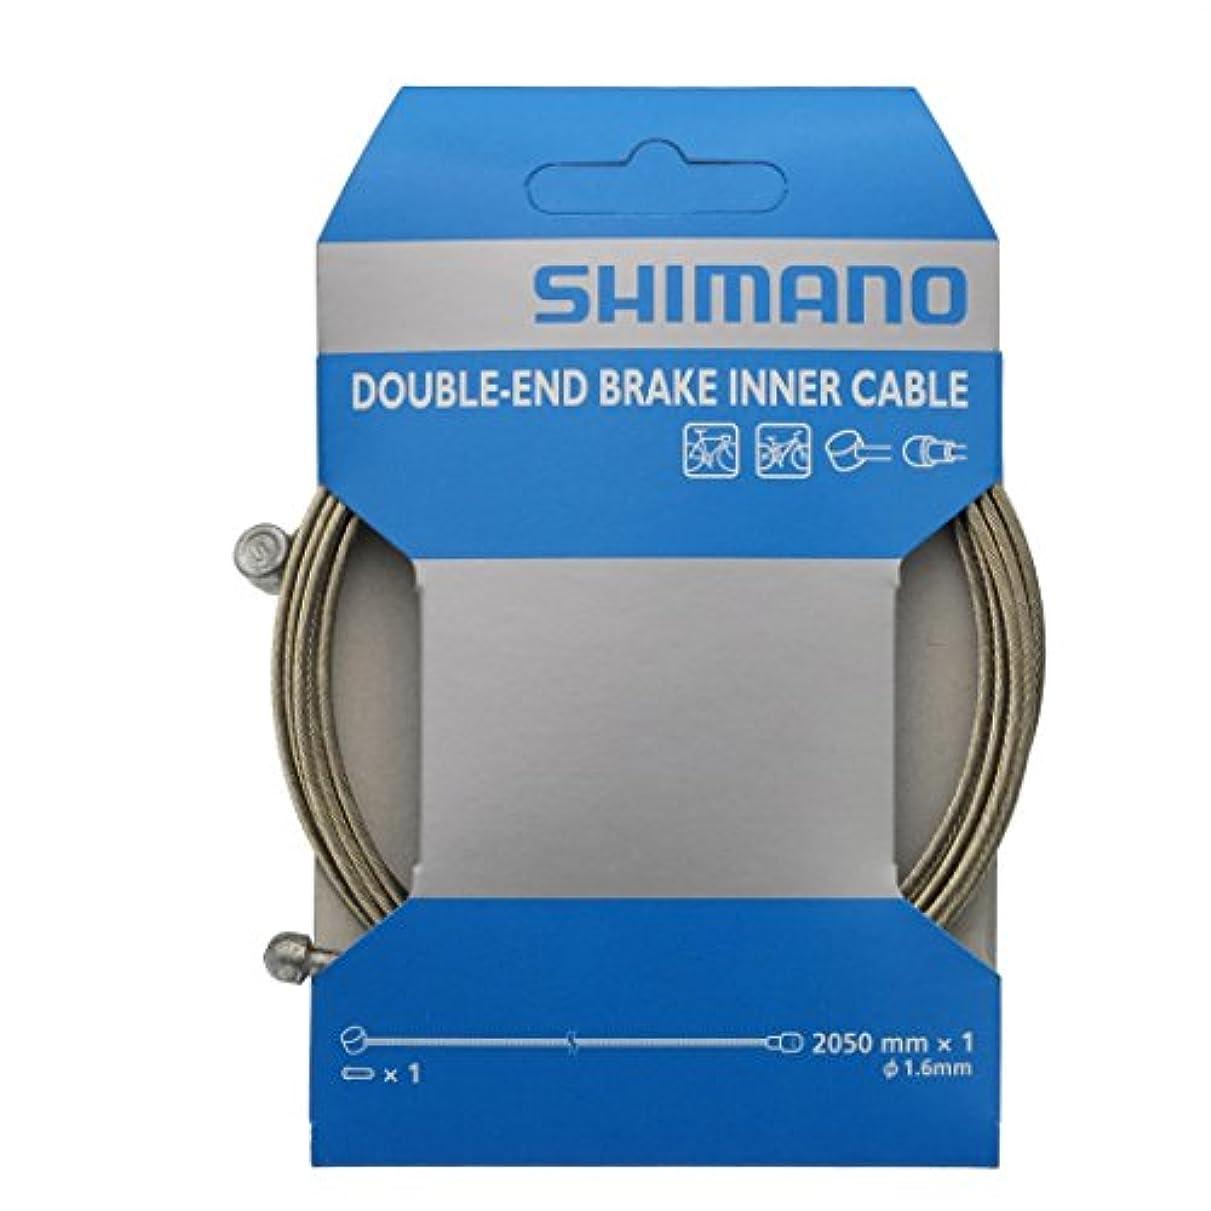 シーンゴム寸法SHIMANO(シマノ) Steel ブレーキインナーケーブル(φ1.6mm×2050mm/10パック) 両エンドタイプ Y80098410